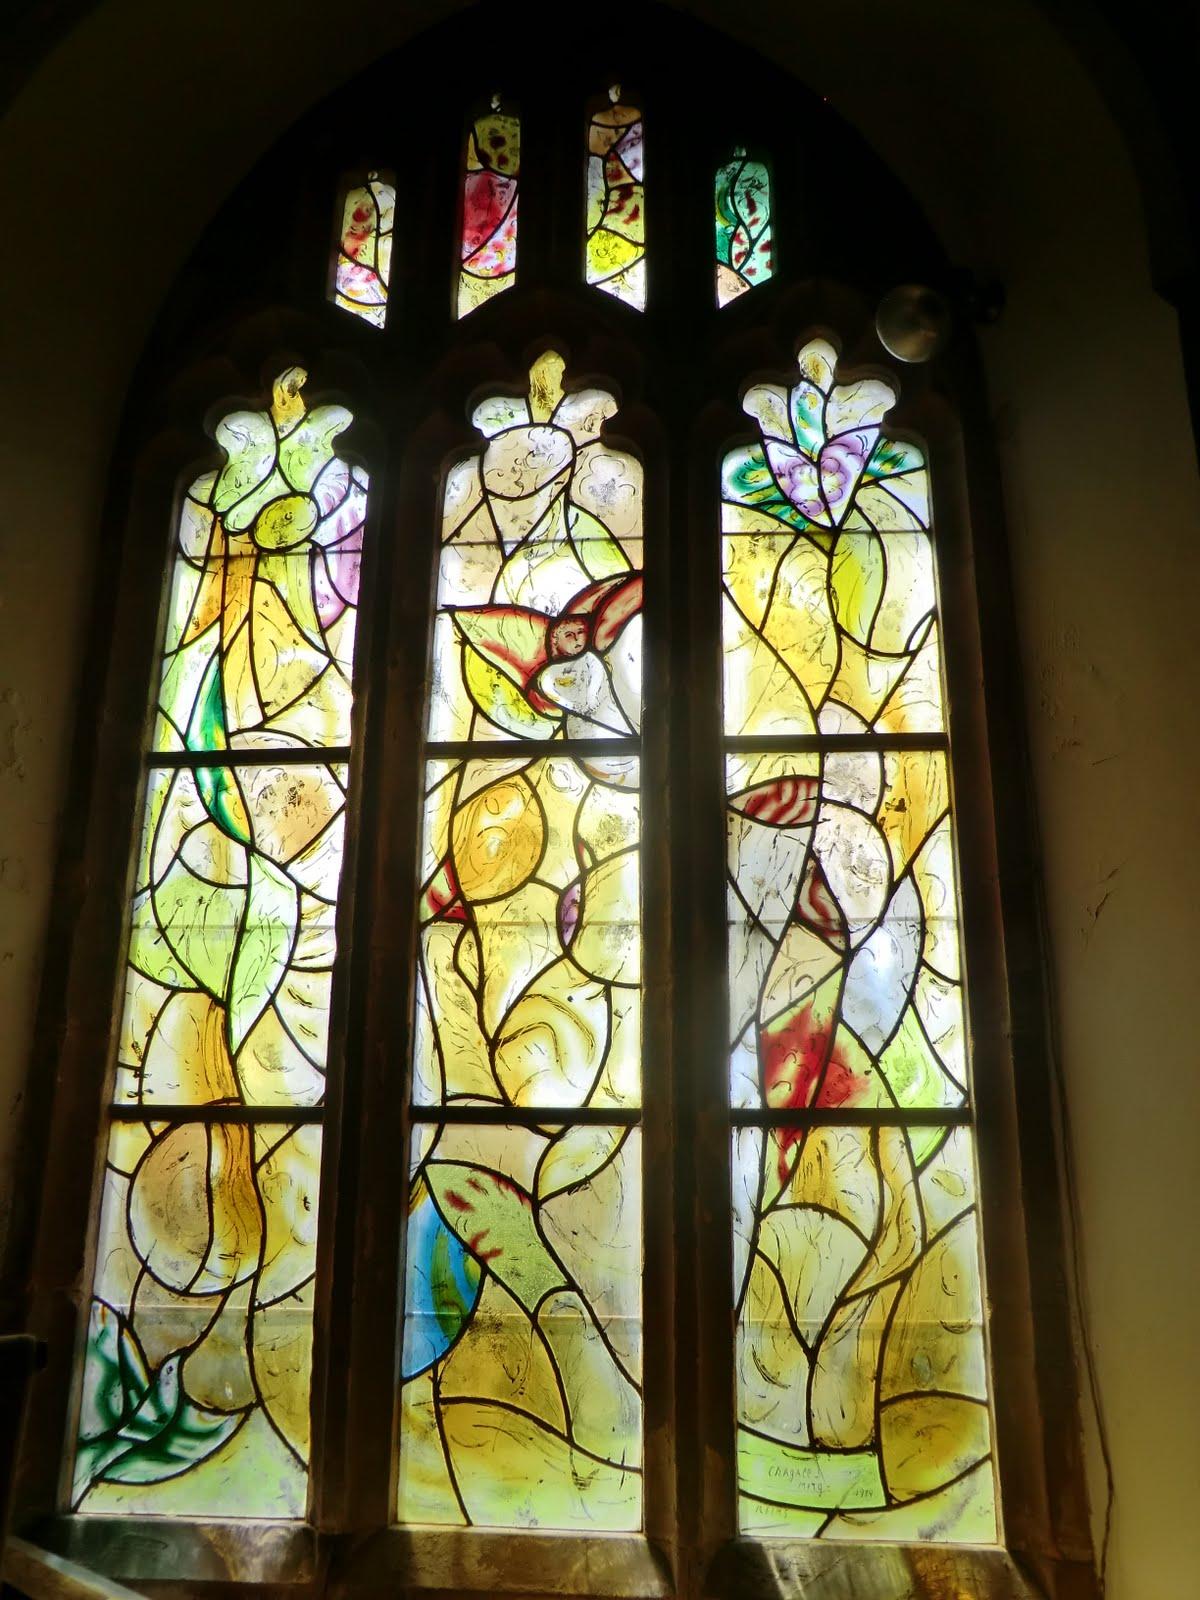 CIMG1557 Chagall window #11, All Saints church